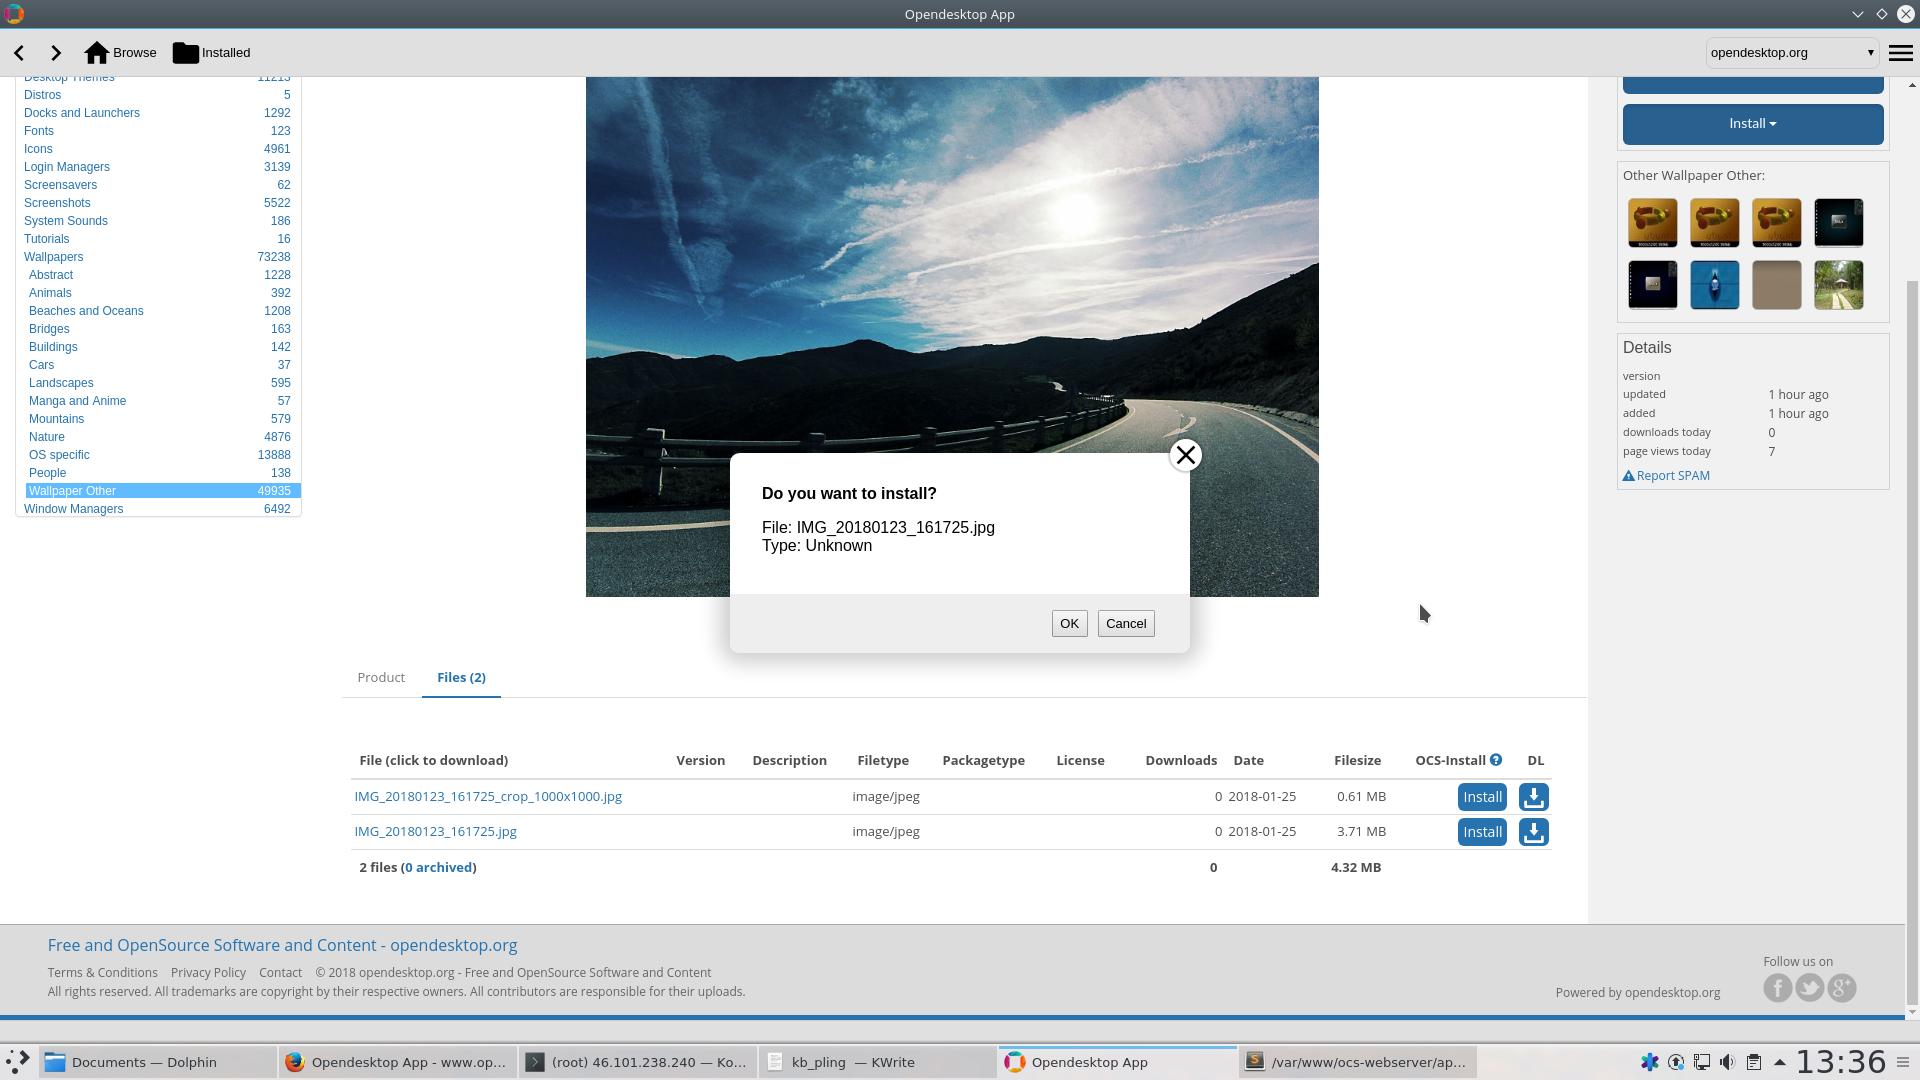 opendesktop - Bountysource